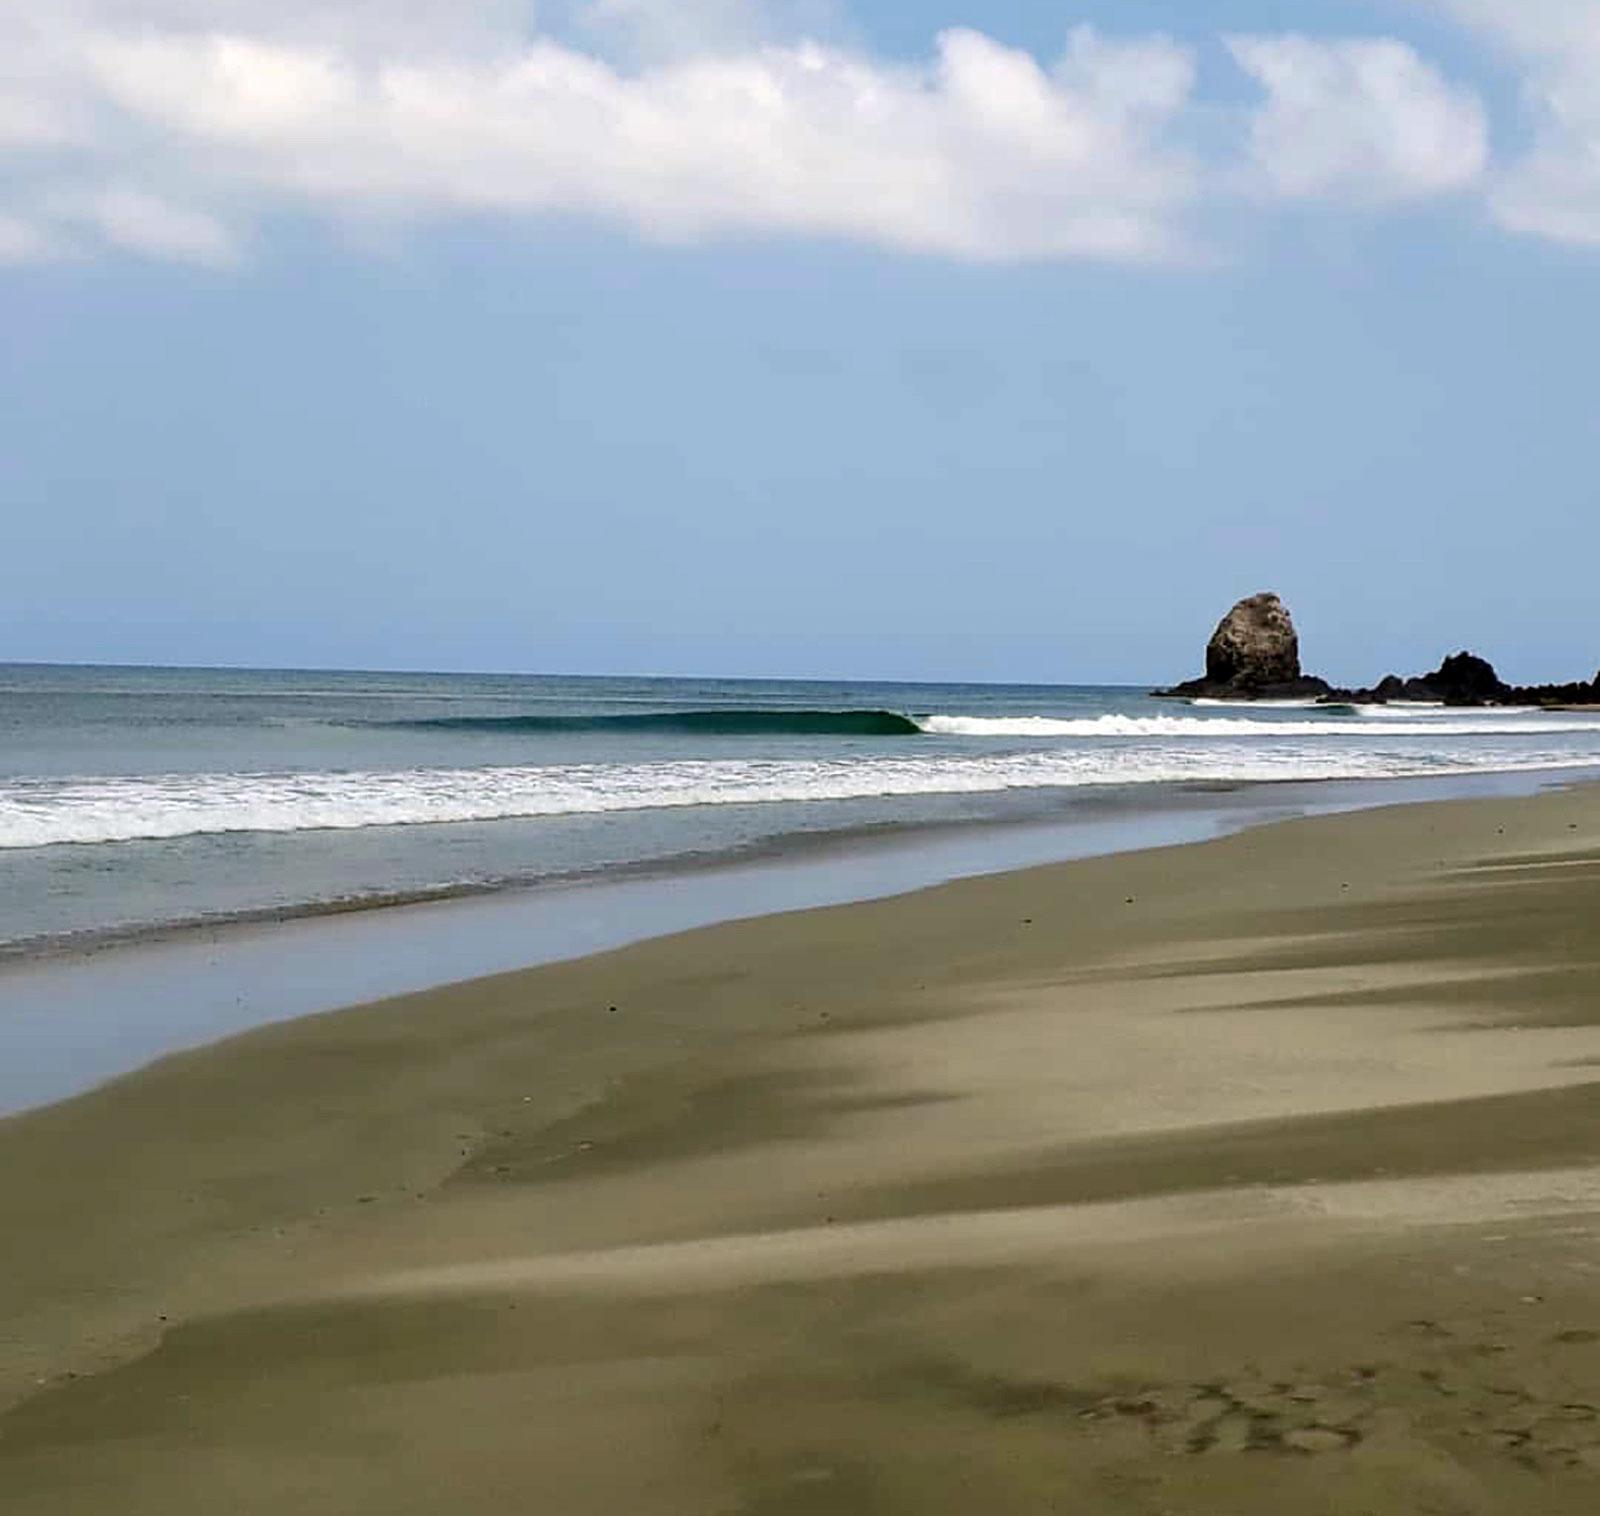 Punta Chivo, Salina Cruz, Oaxaca, Mexico, Las Palmeras Surf Camp